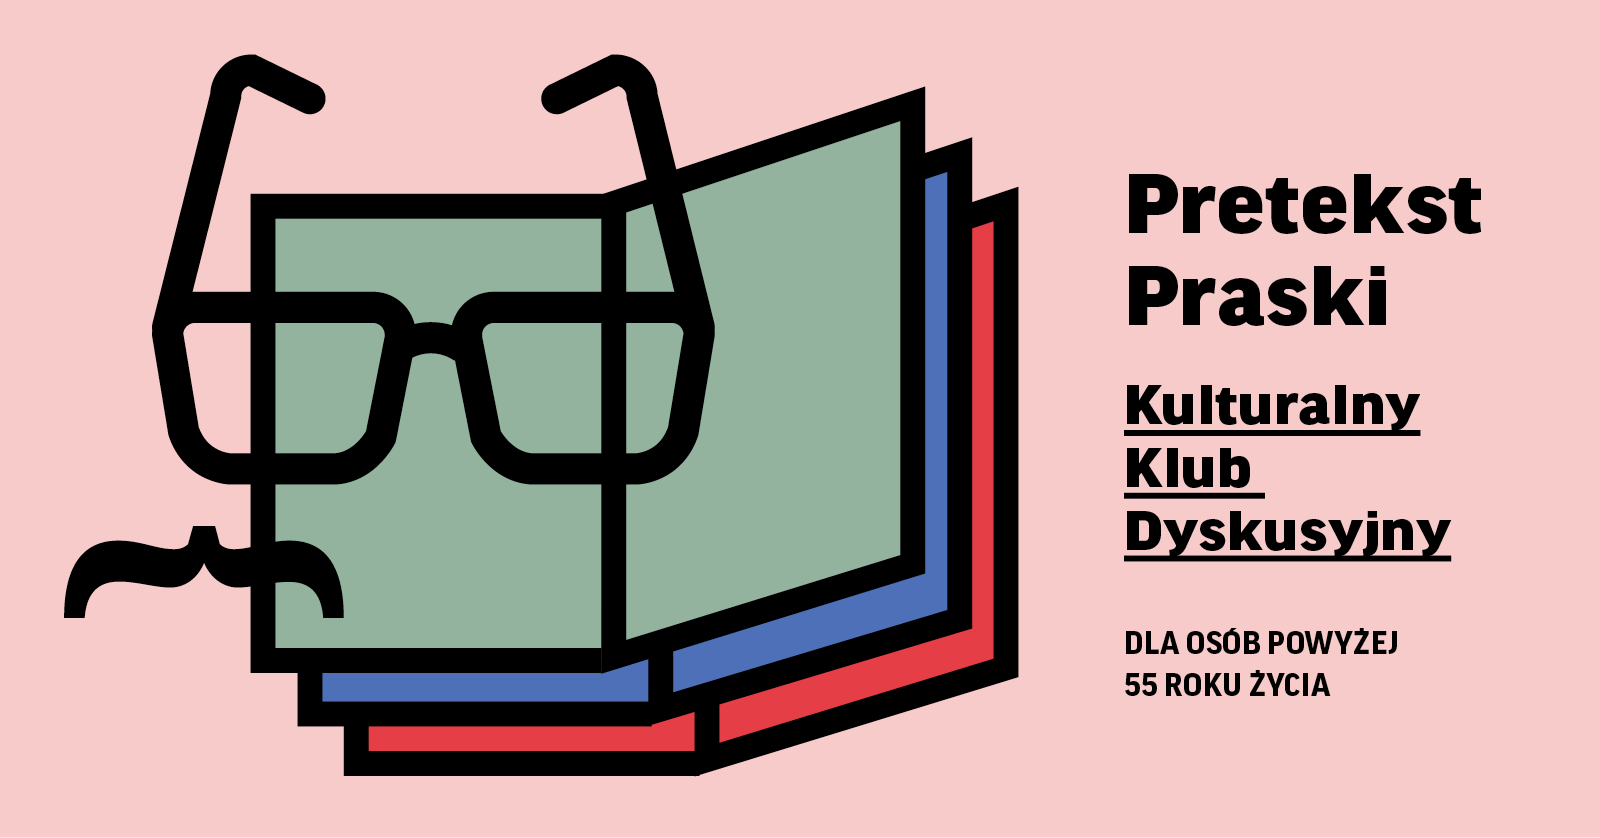 Pretekst Praski. Kulturalny Klub Dyskusyjny